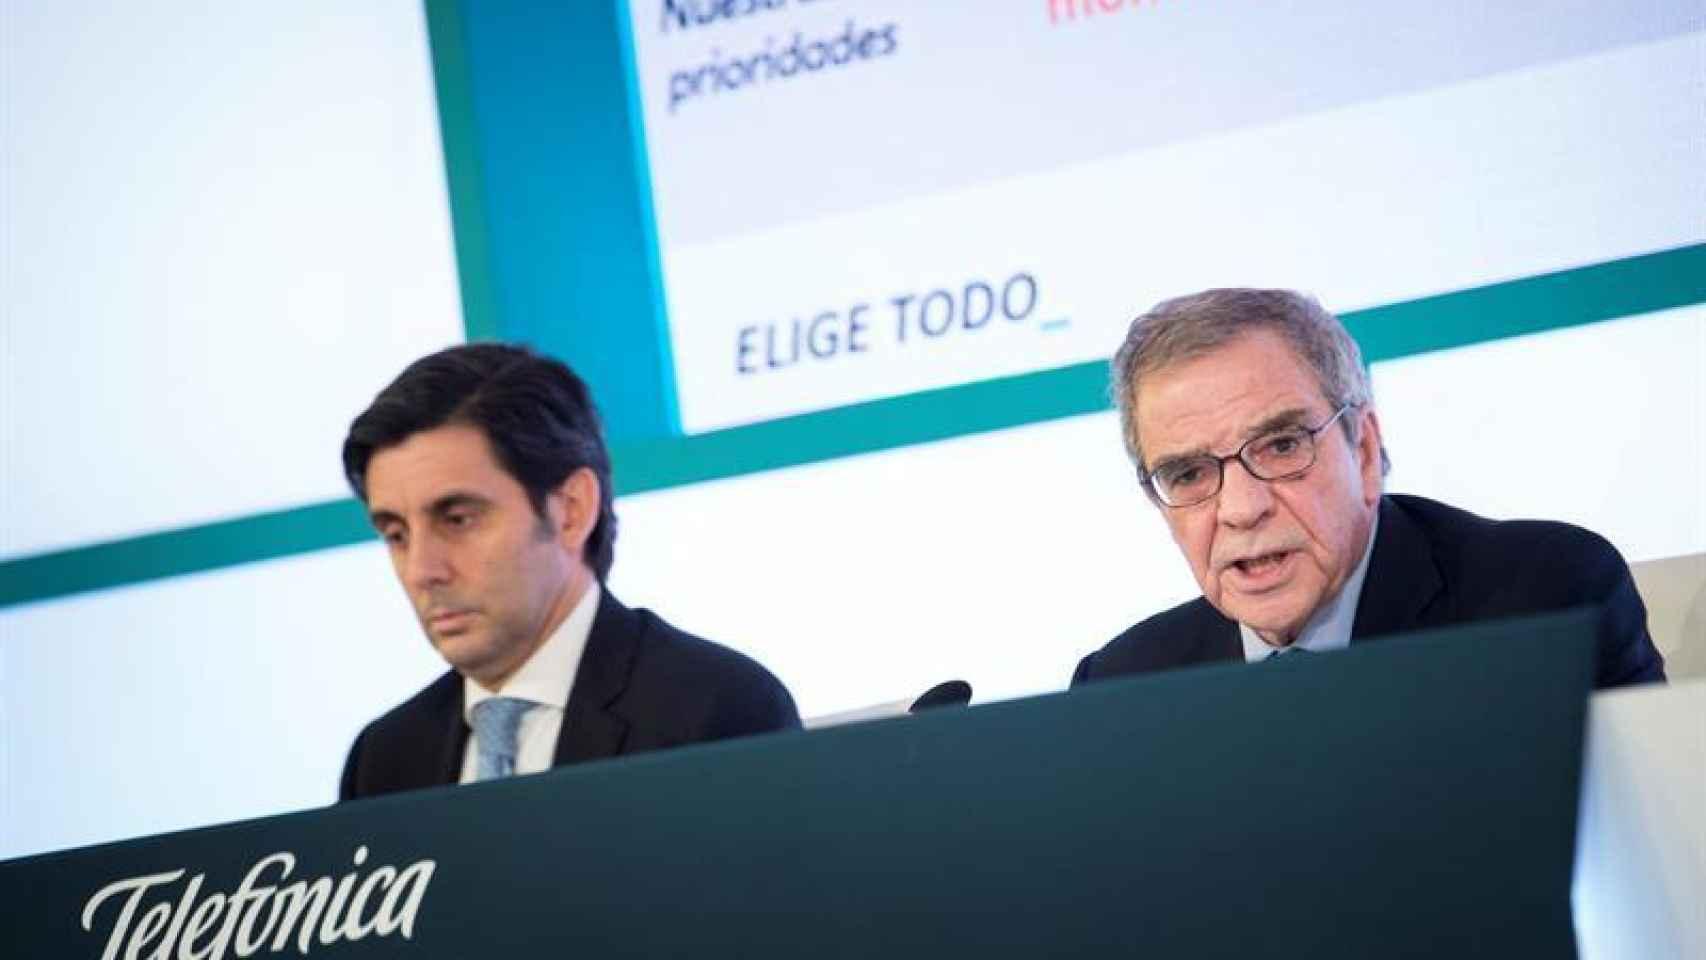 El consejero delegado de Telefónica, José María Álvarez-Pallete, junto al presidente de la 'teleco', César Alierta.